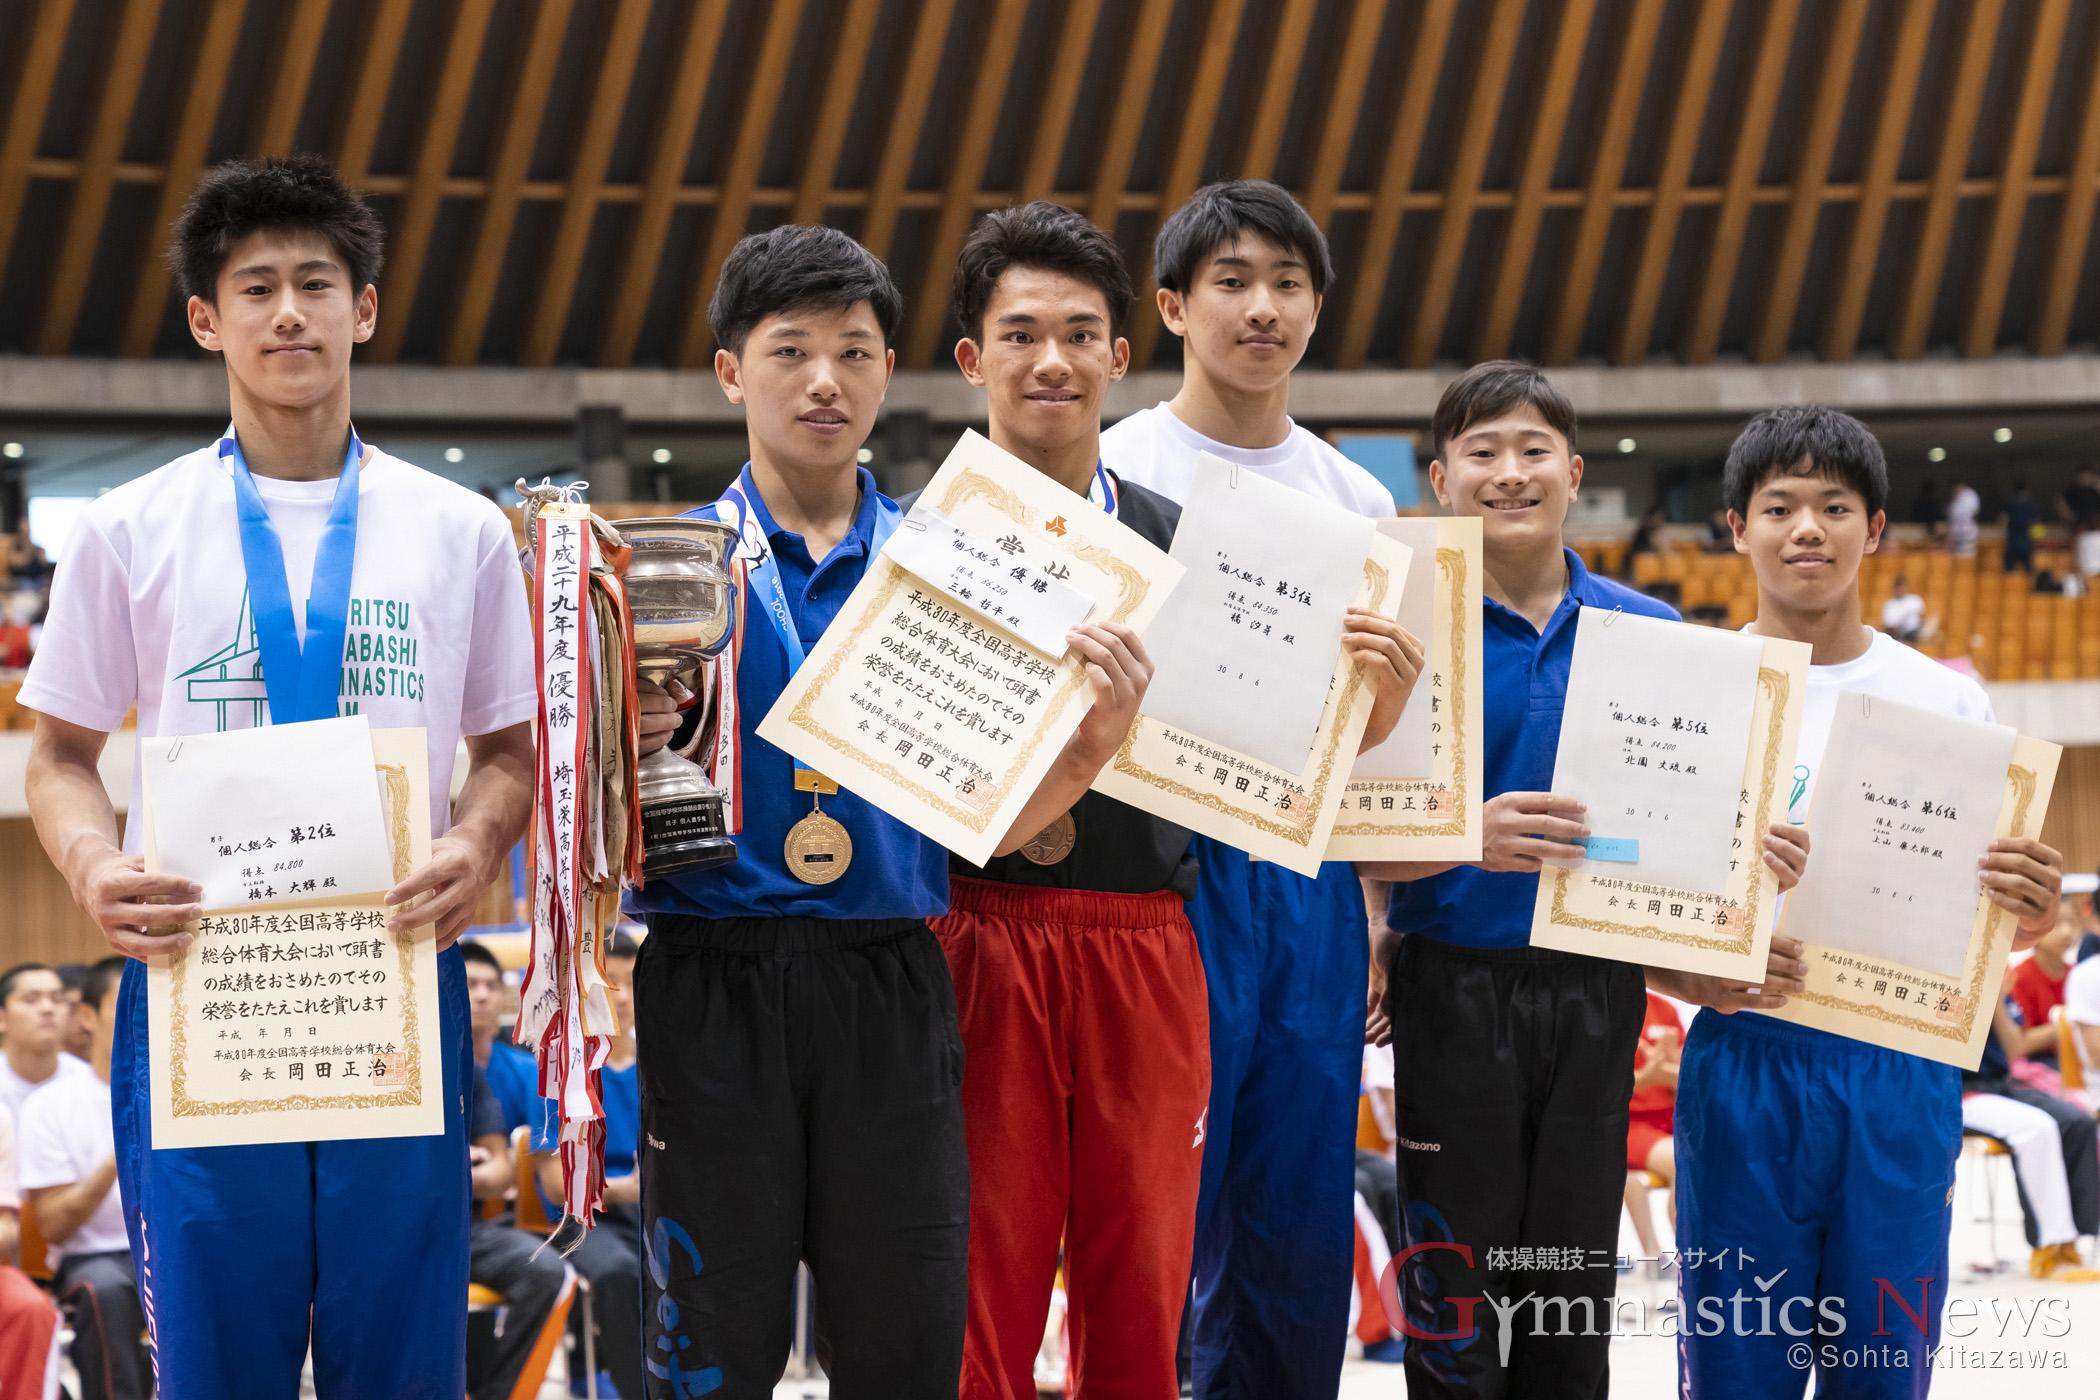 平成30年度全国高等学校総合体育大会 体操競技 男子個人総合